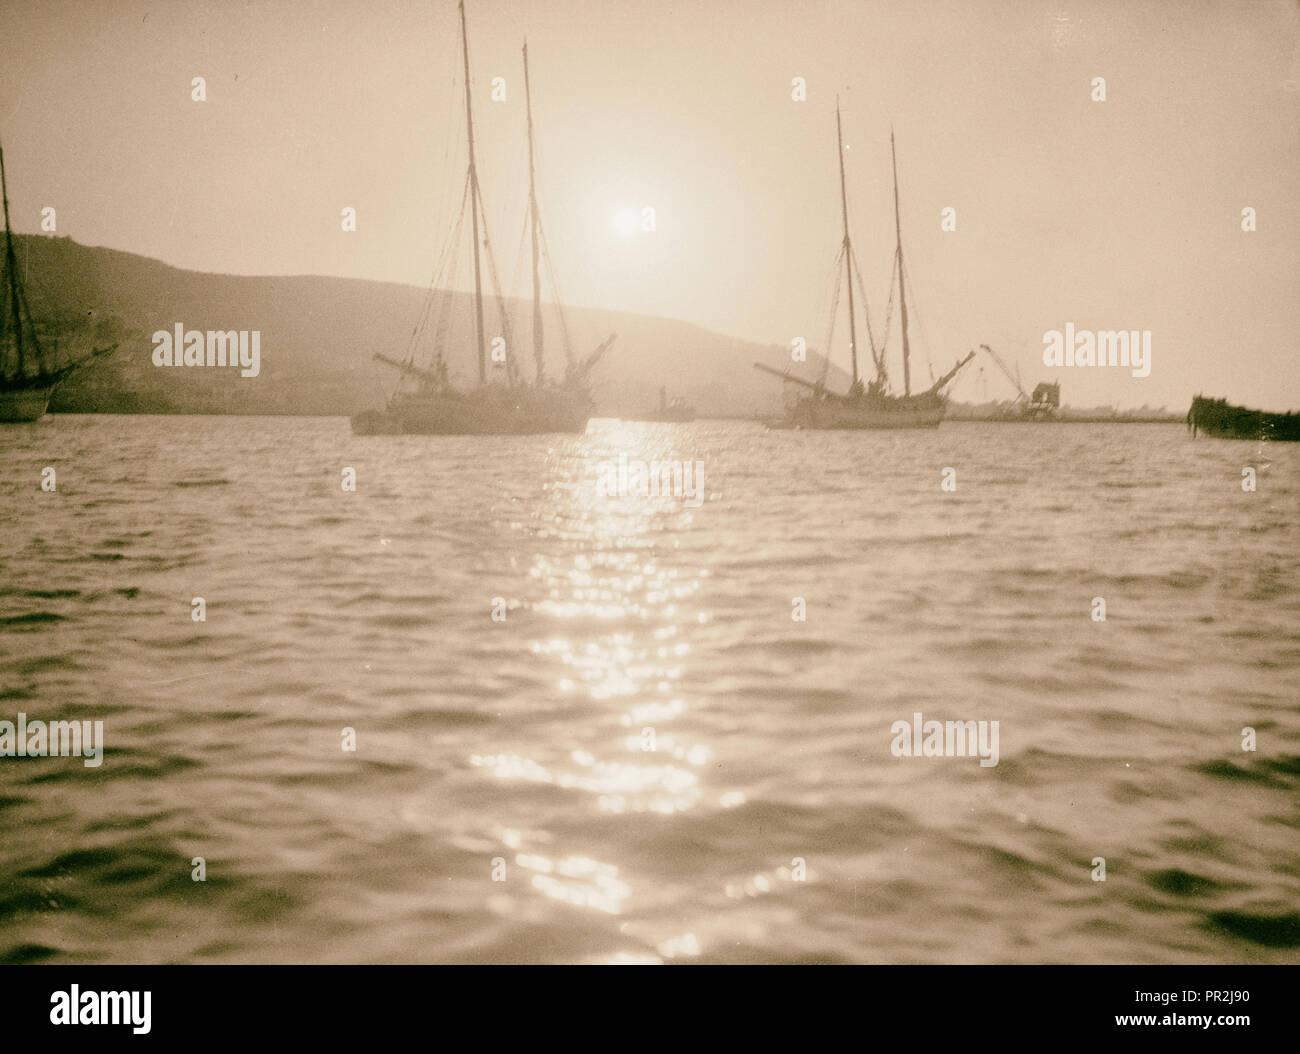 Carmel and Haifa. Carmel at sunset. Tall-masted sailing vessels at anchor. 1920, Israel, Haifa - Stock Image